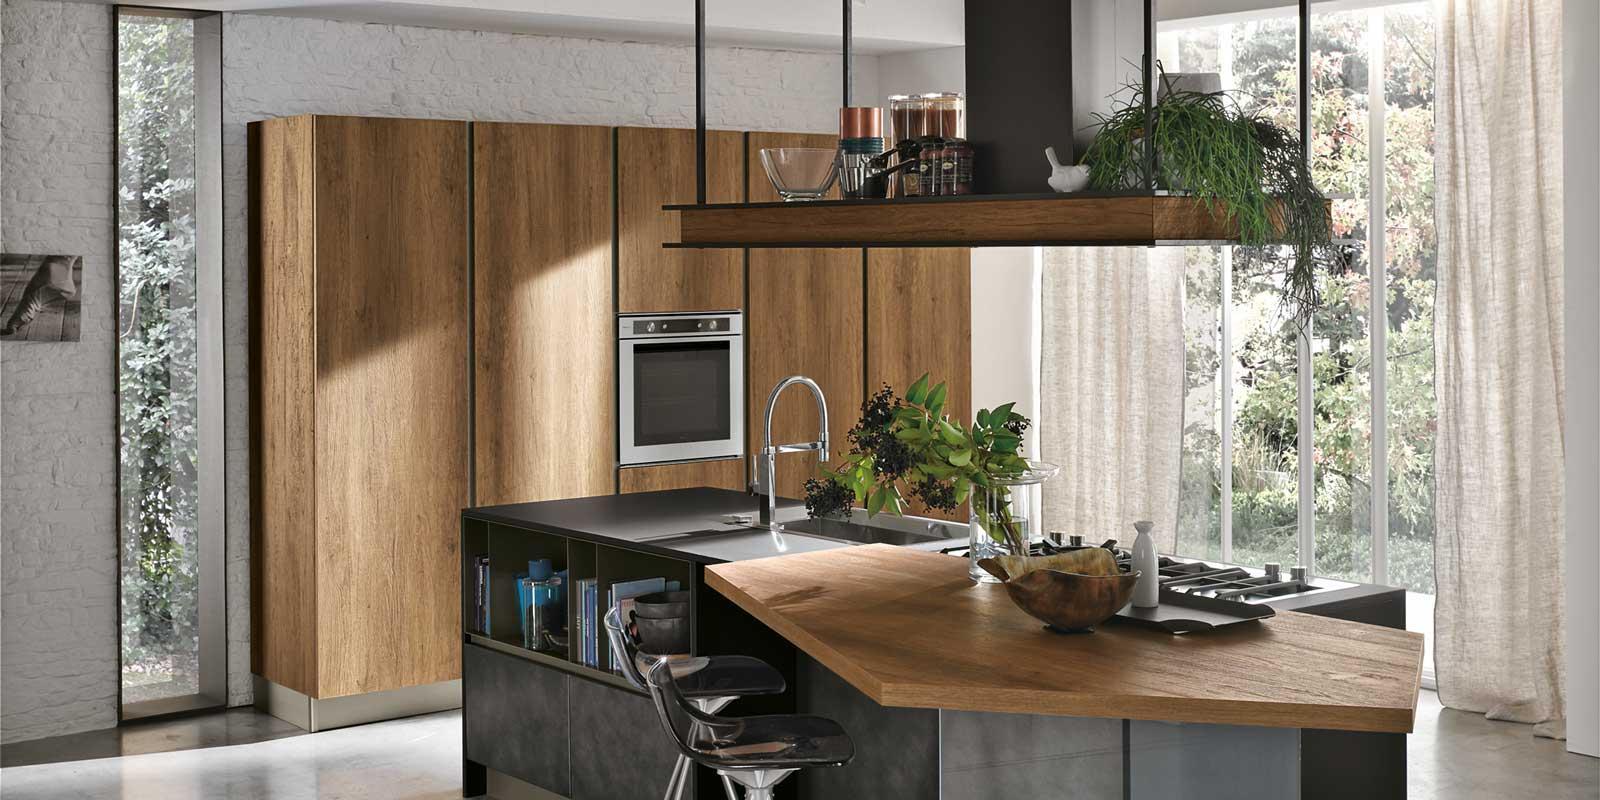 Speciale cucina focus sulla cappa che arreda cose di casa for Cappa cucina moderna